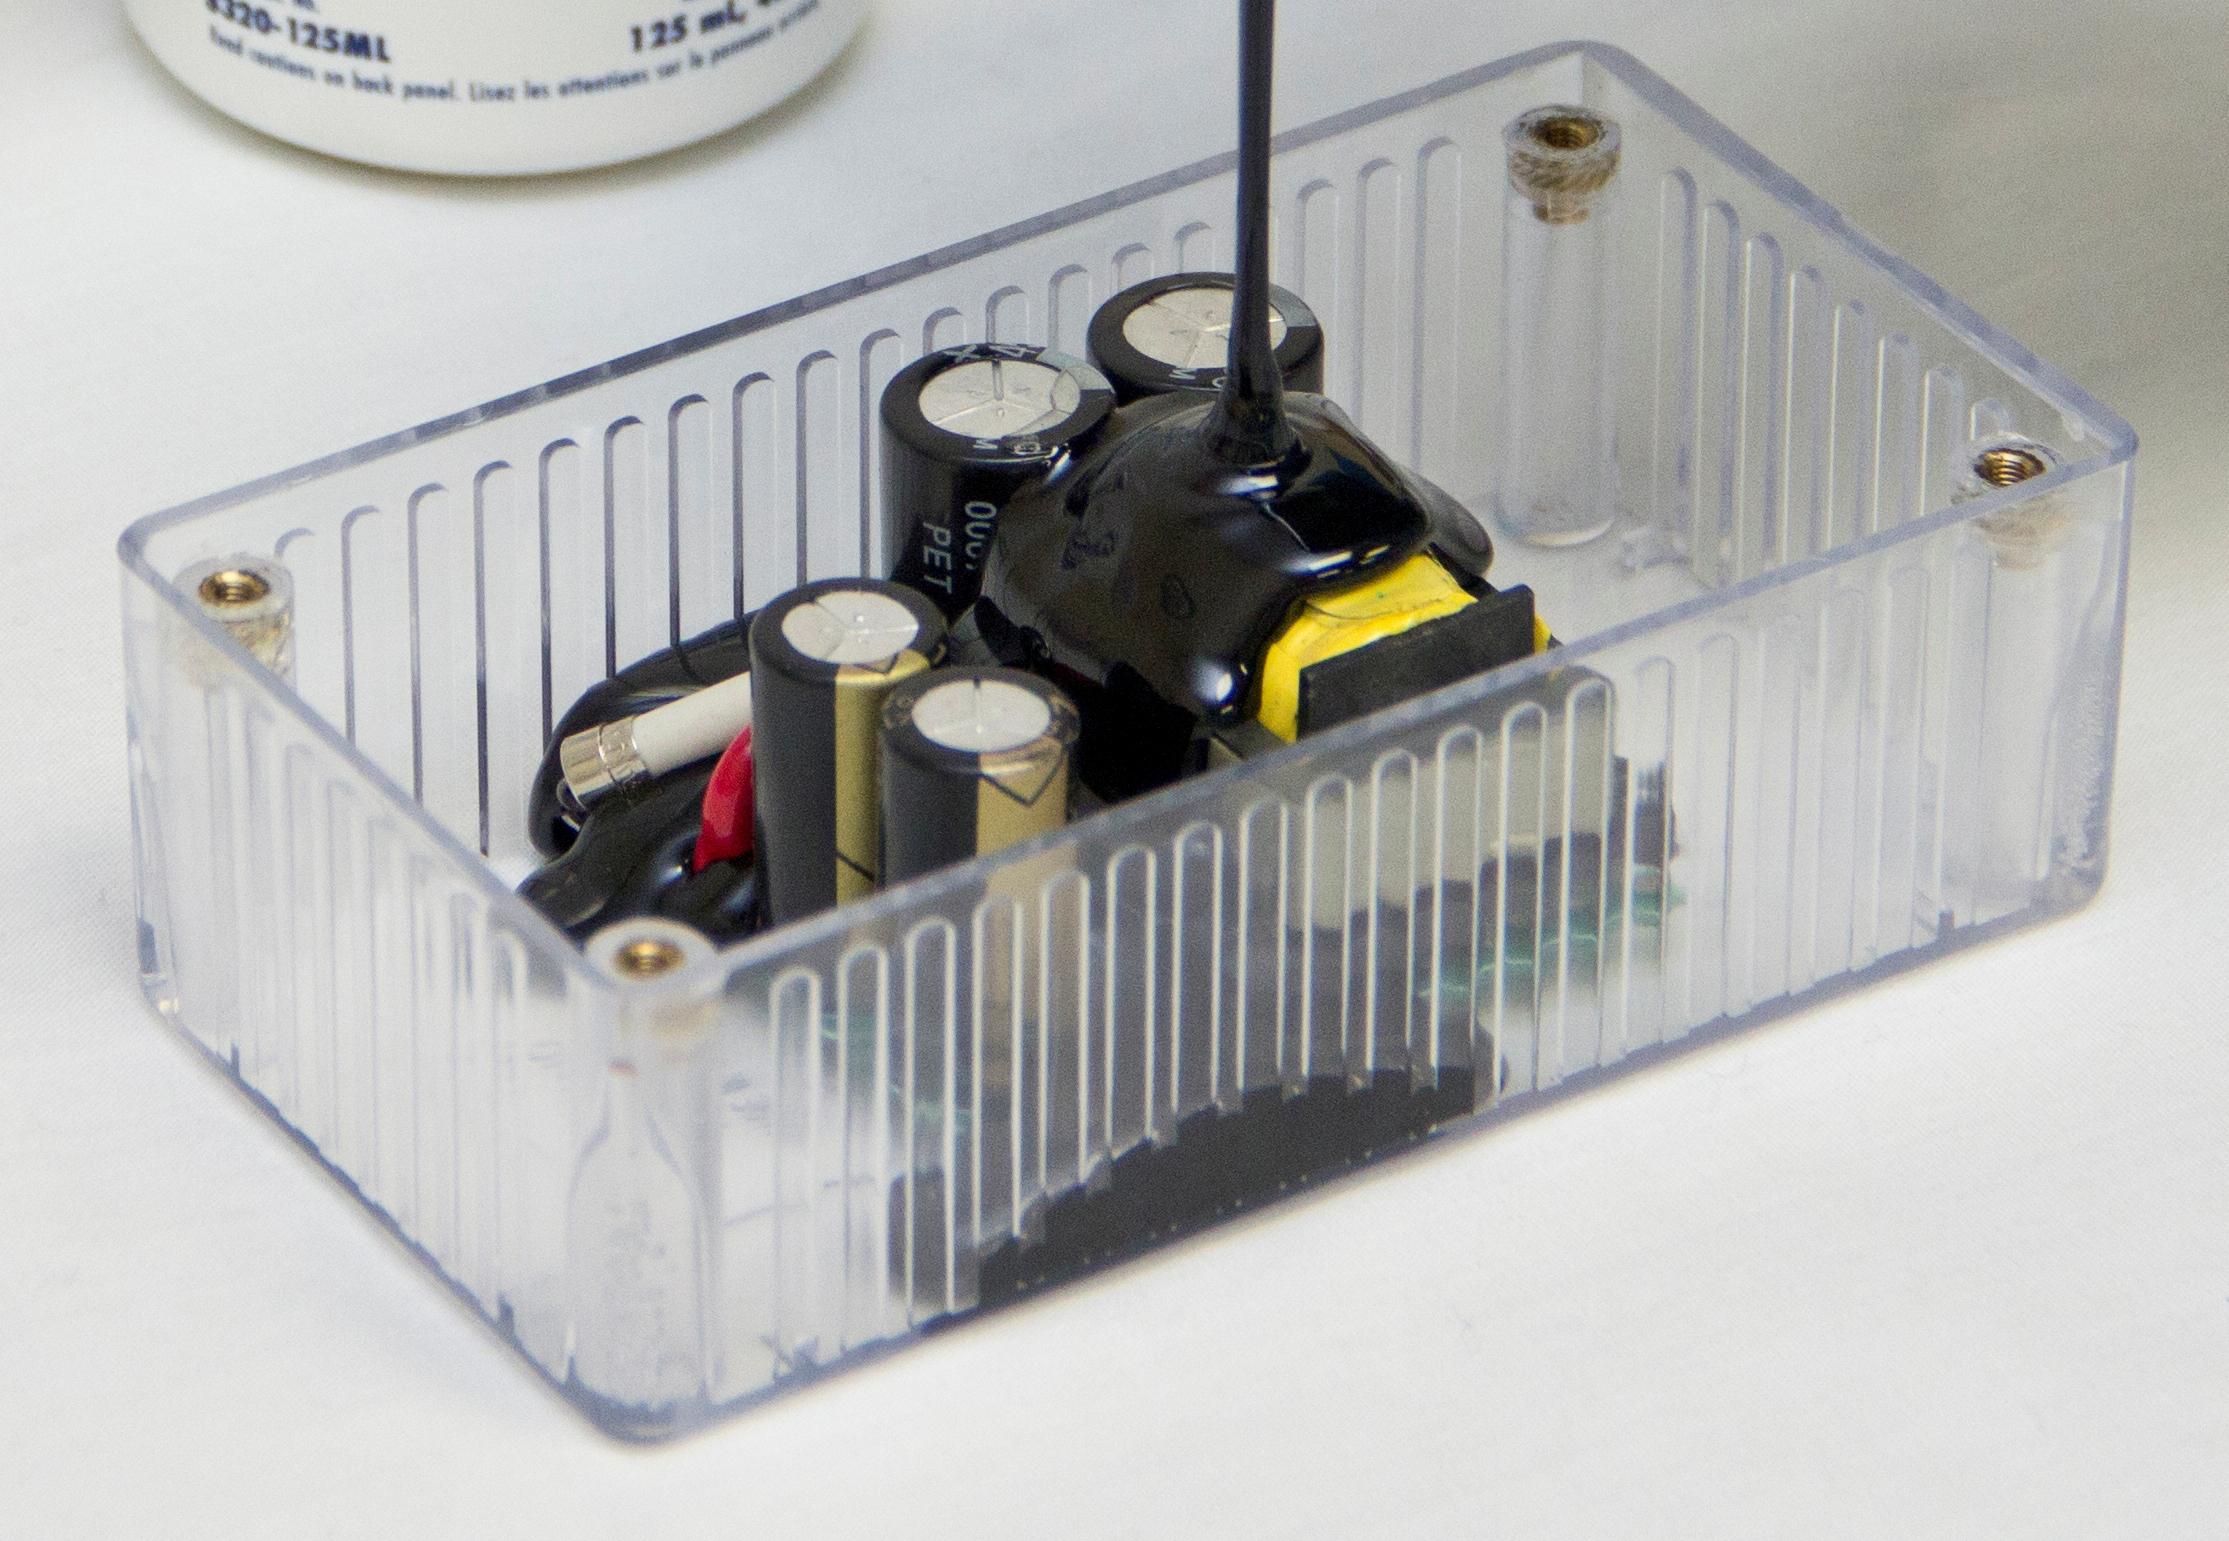 New electronics epoxy | Engineer Live